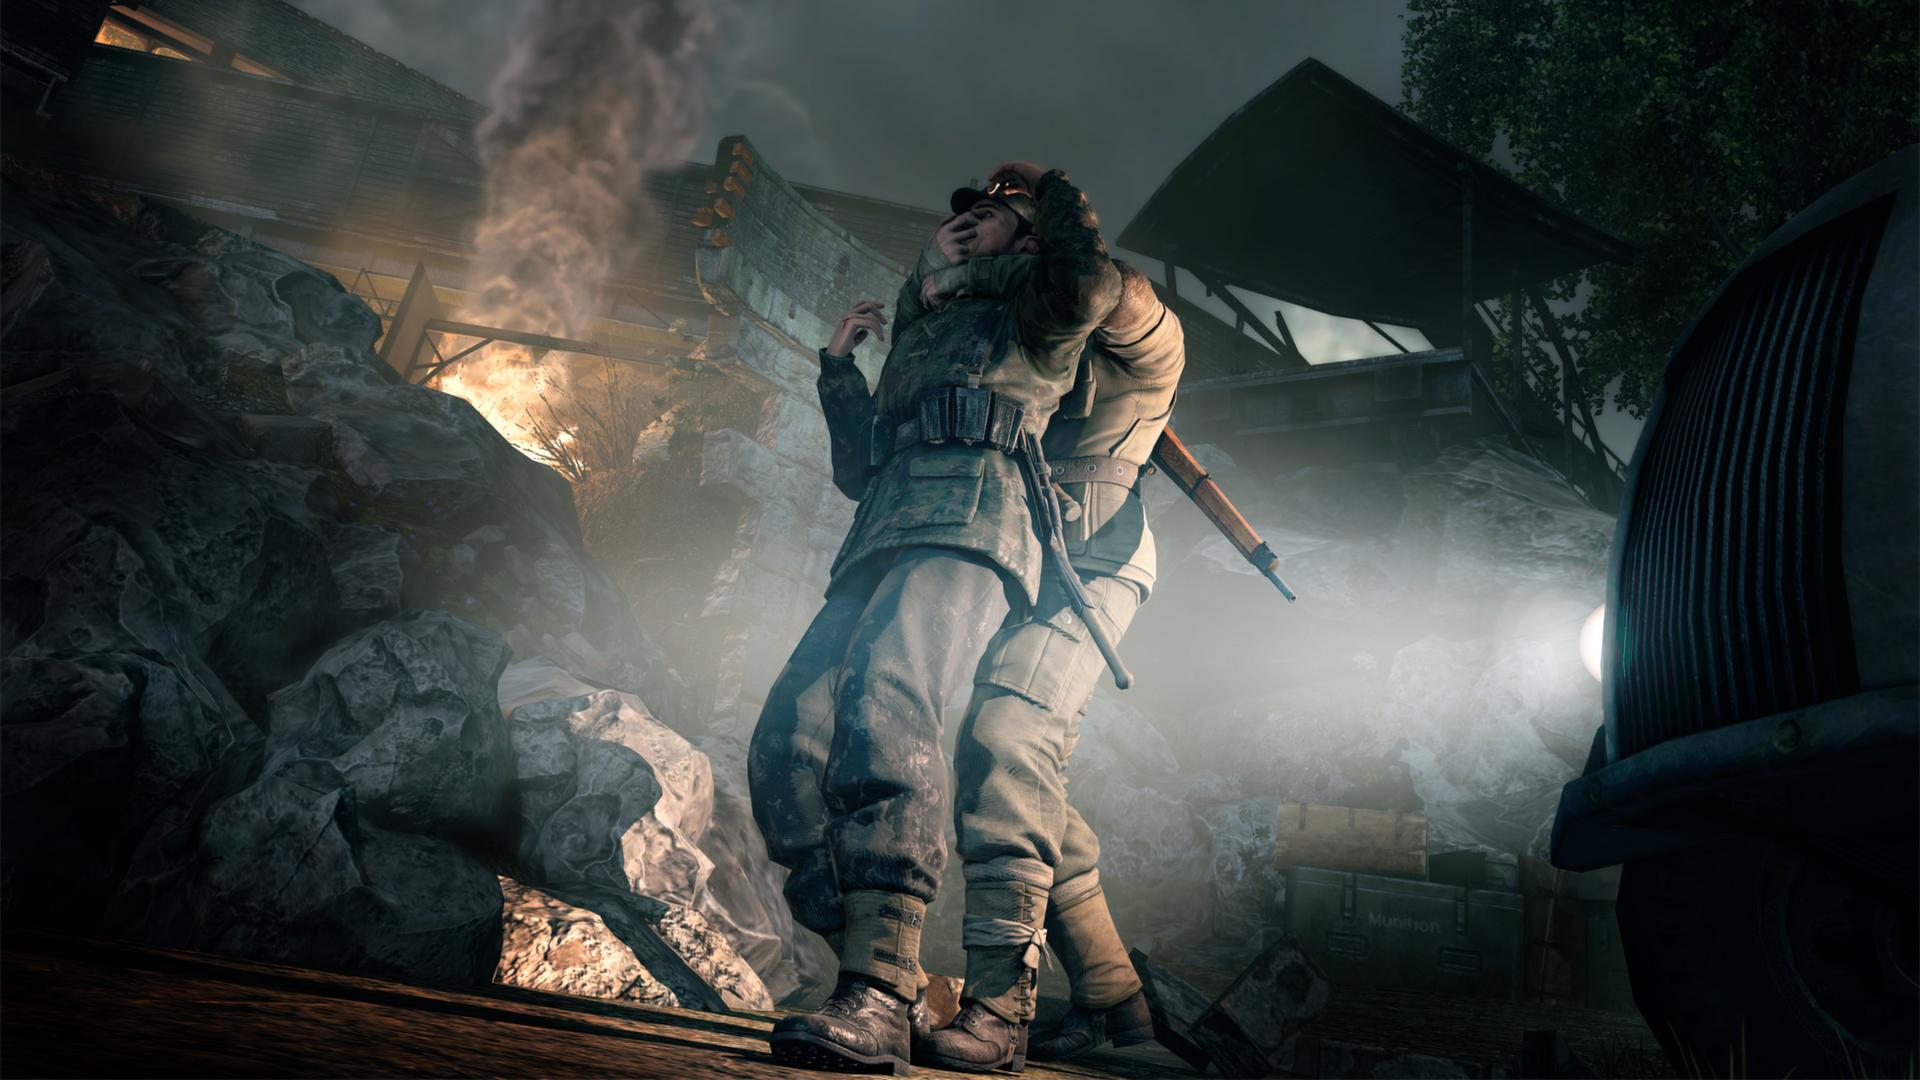 Sniper2 игра  № 2328162 загрузить